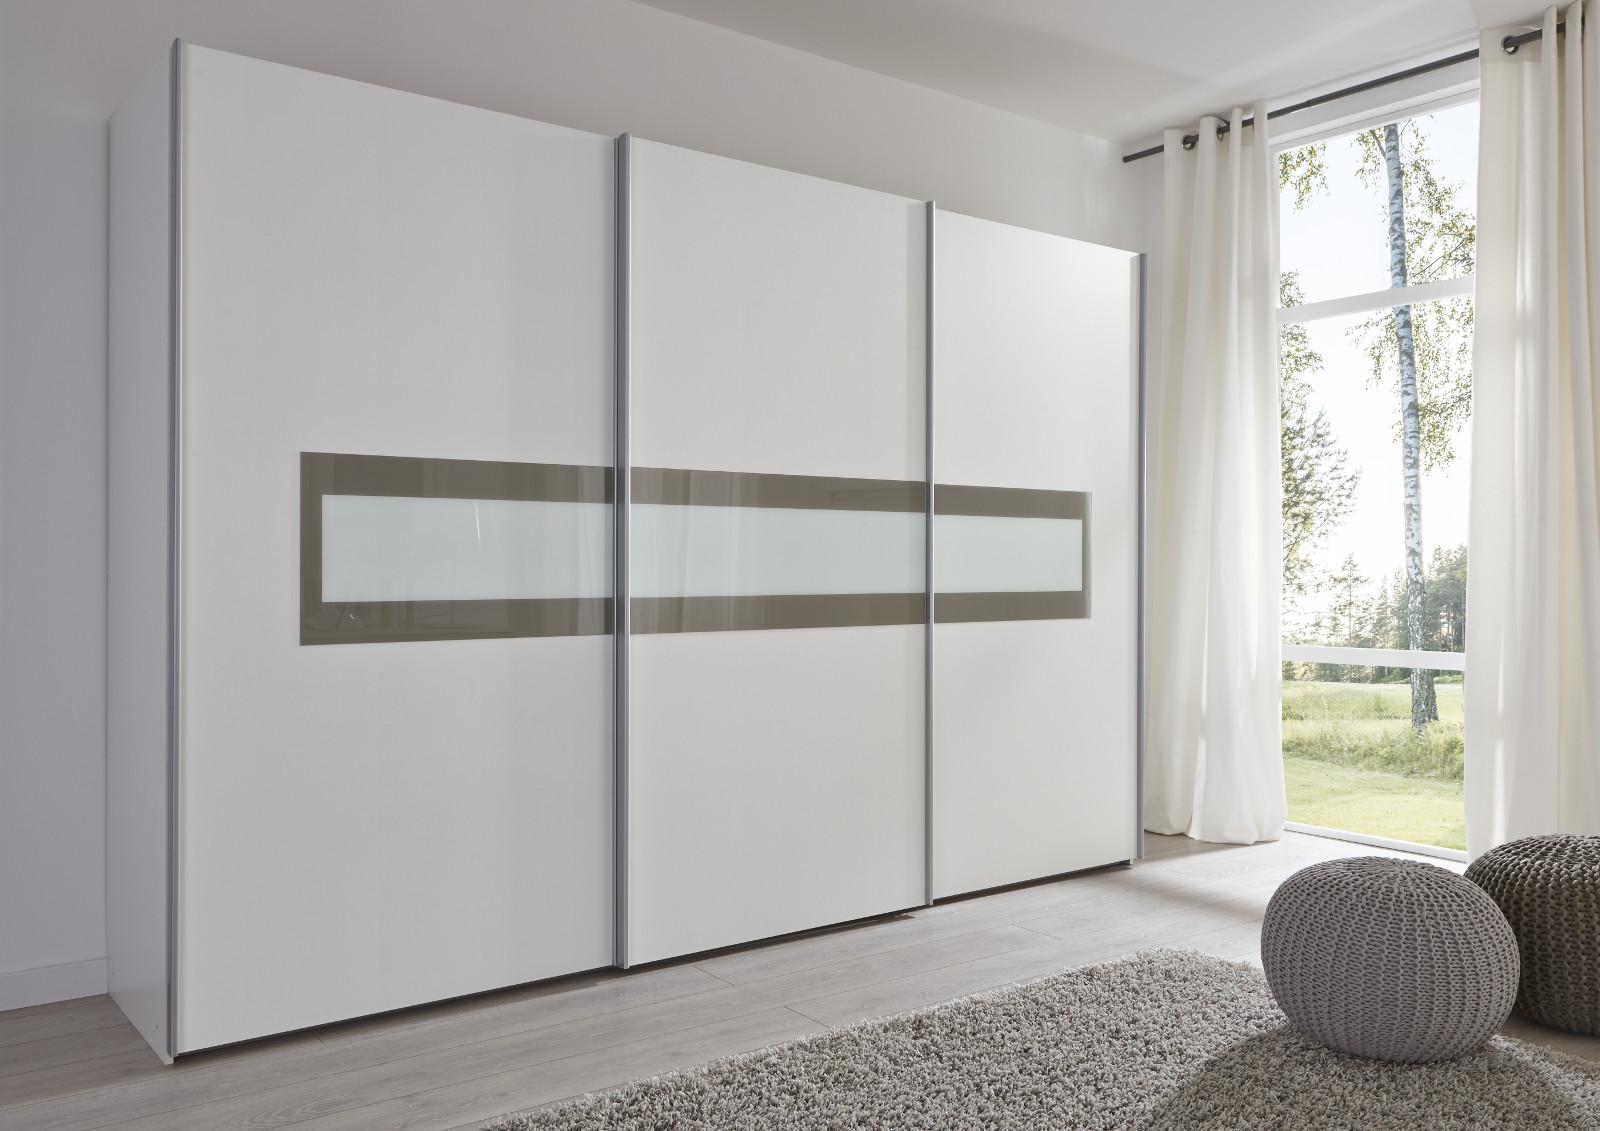 schwebet renschrank kleiderschrank wei grau. Black Bedroom Furniture Sets. Home Design Ideas